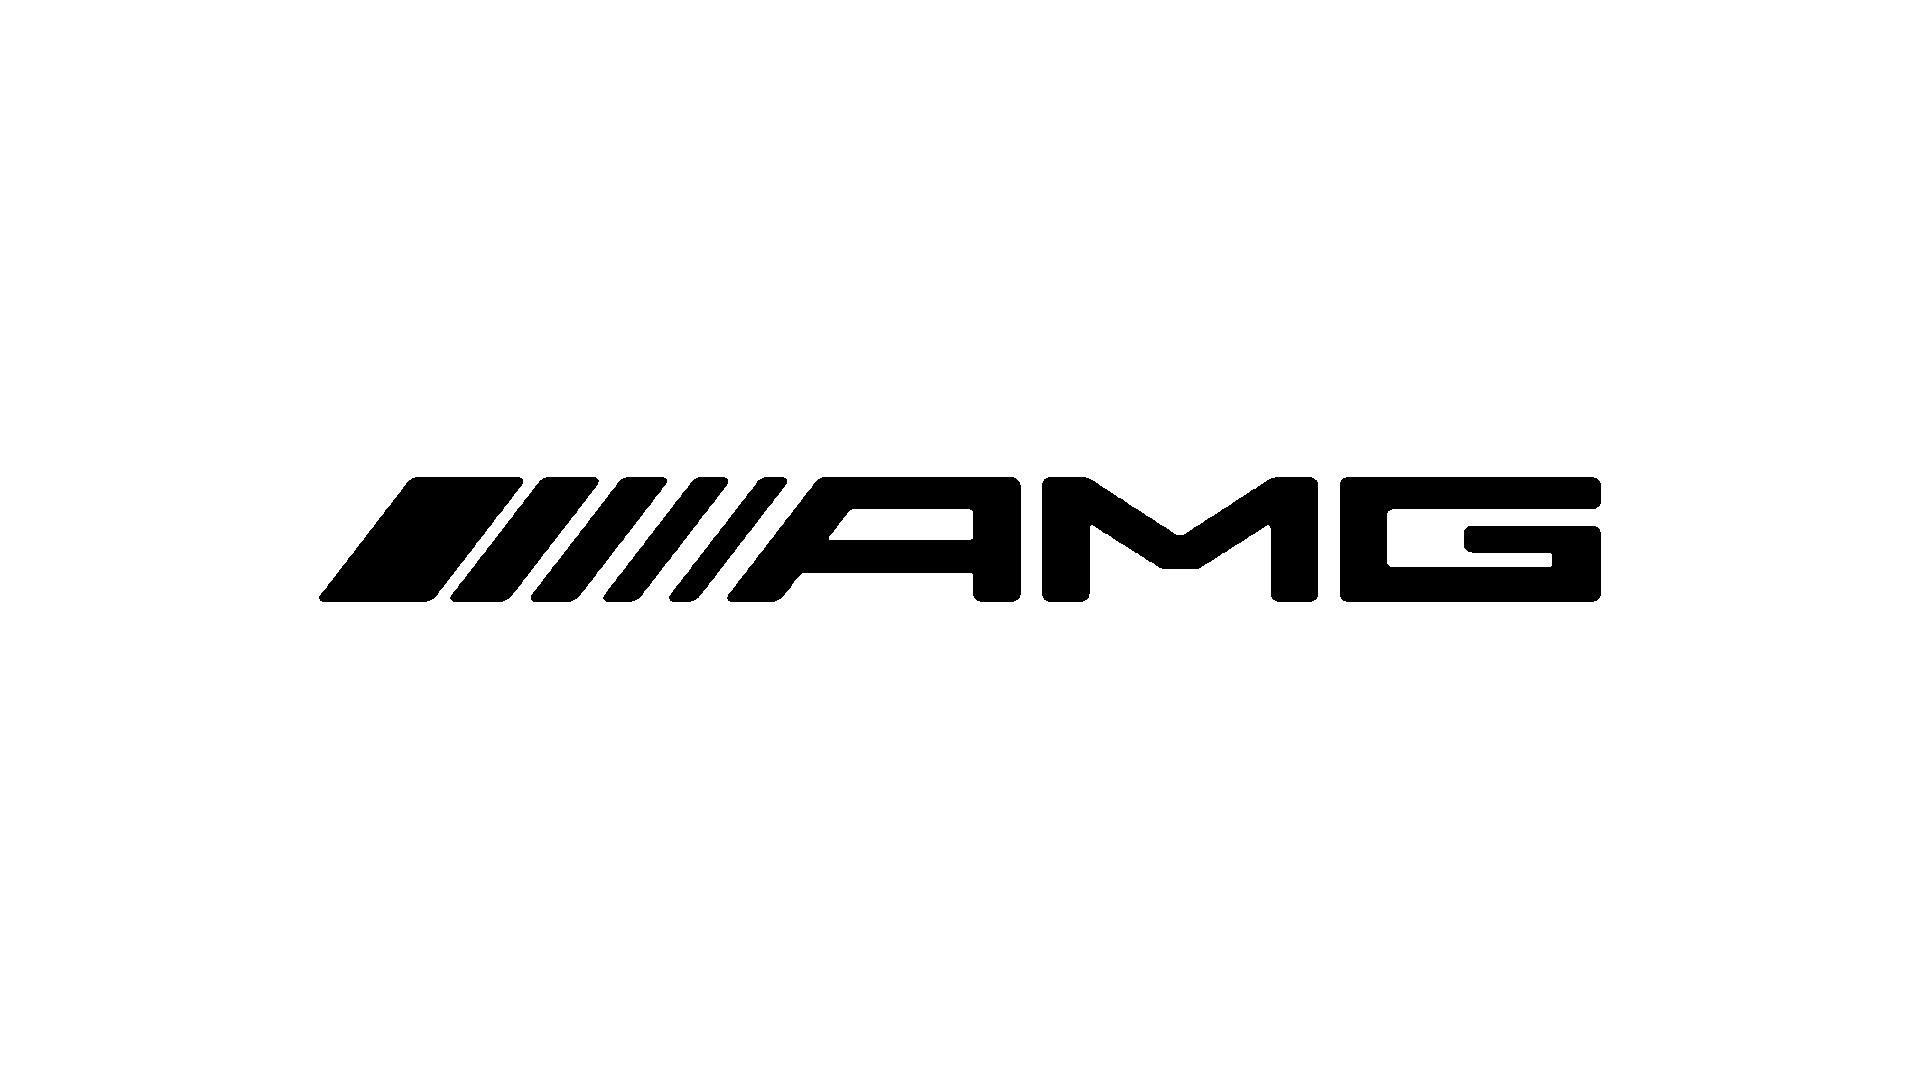 نتيجة بحث الصور عن amg logo png